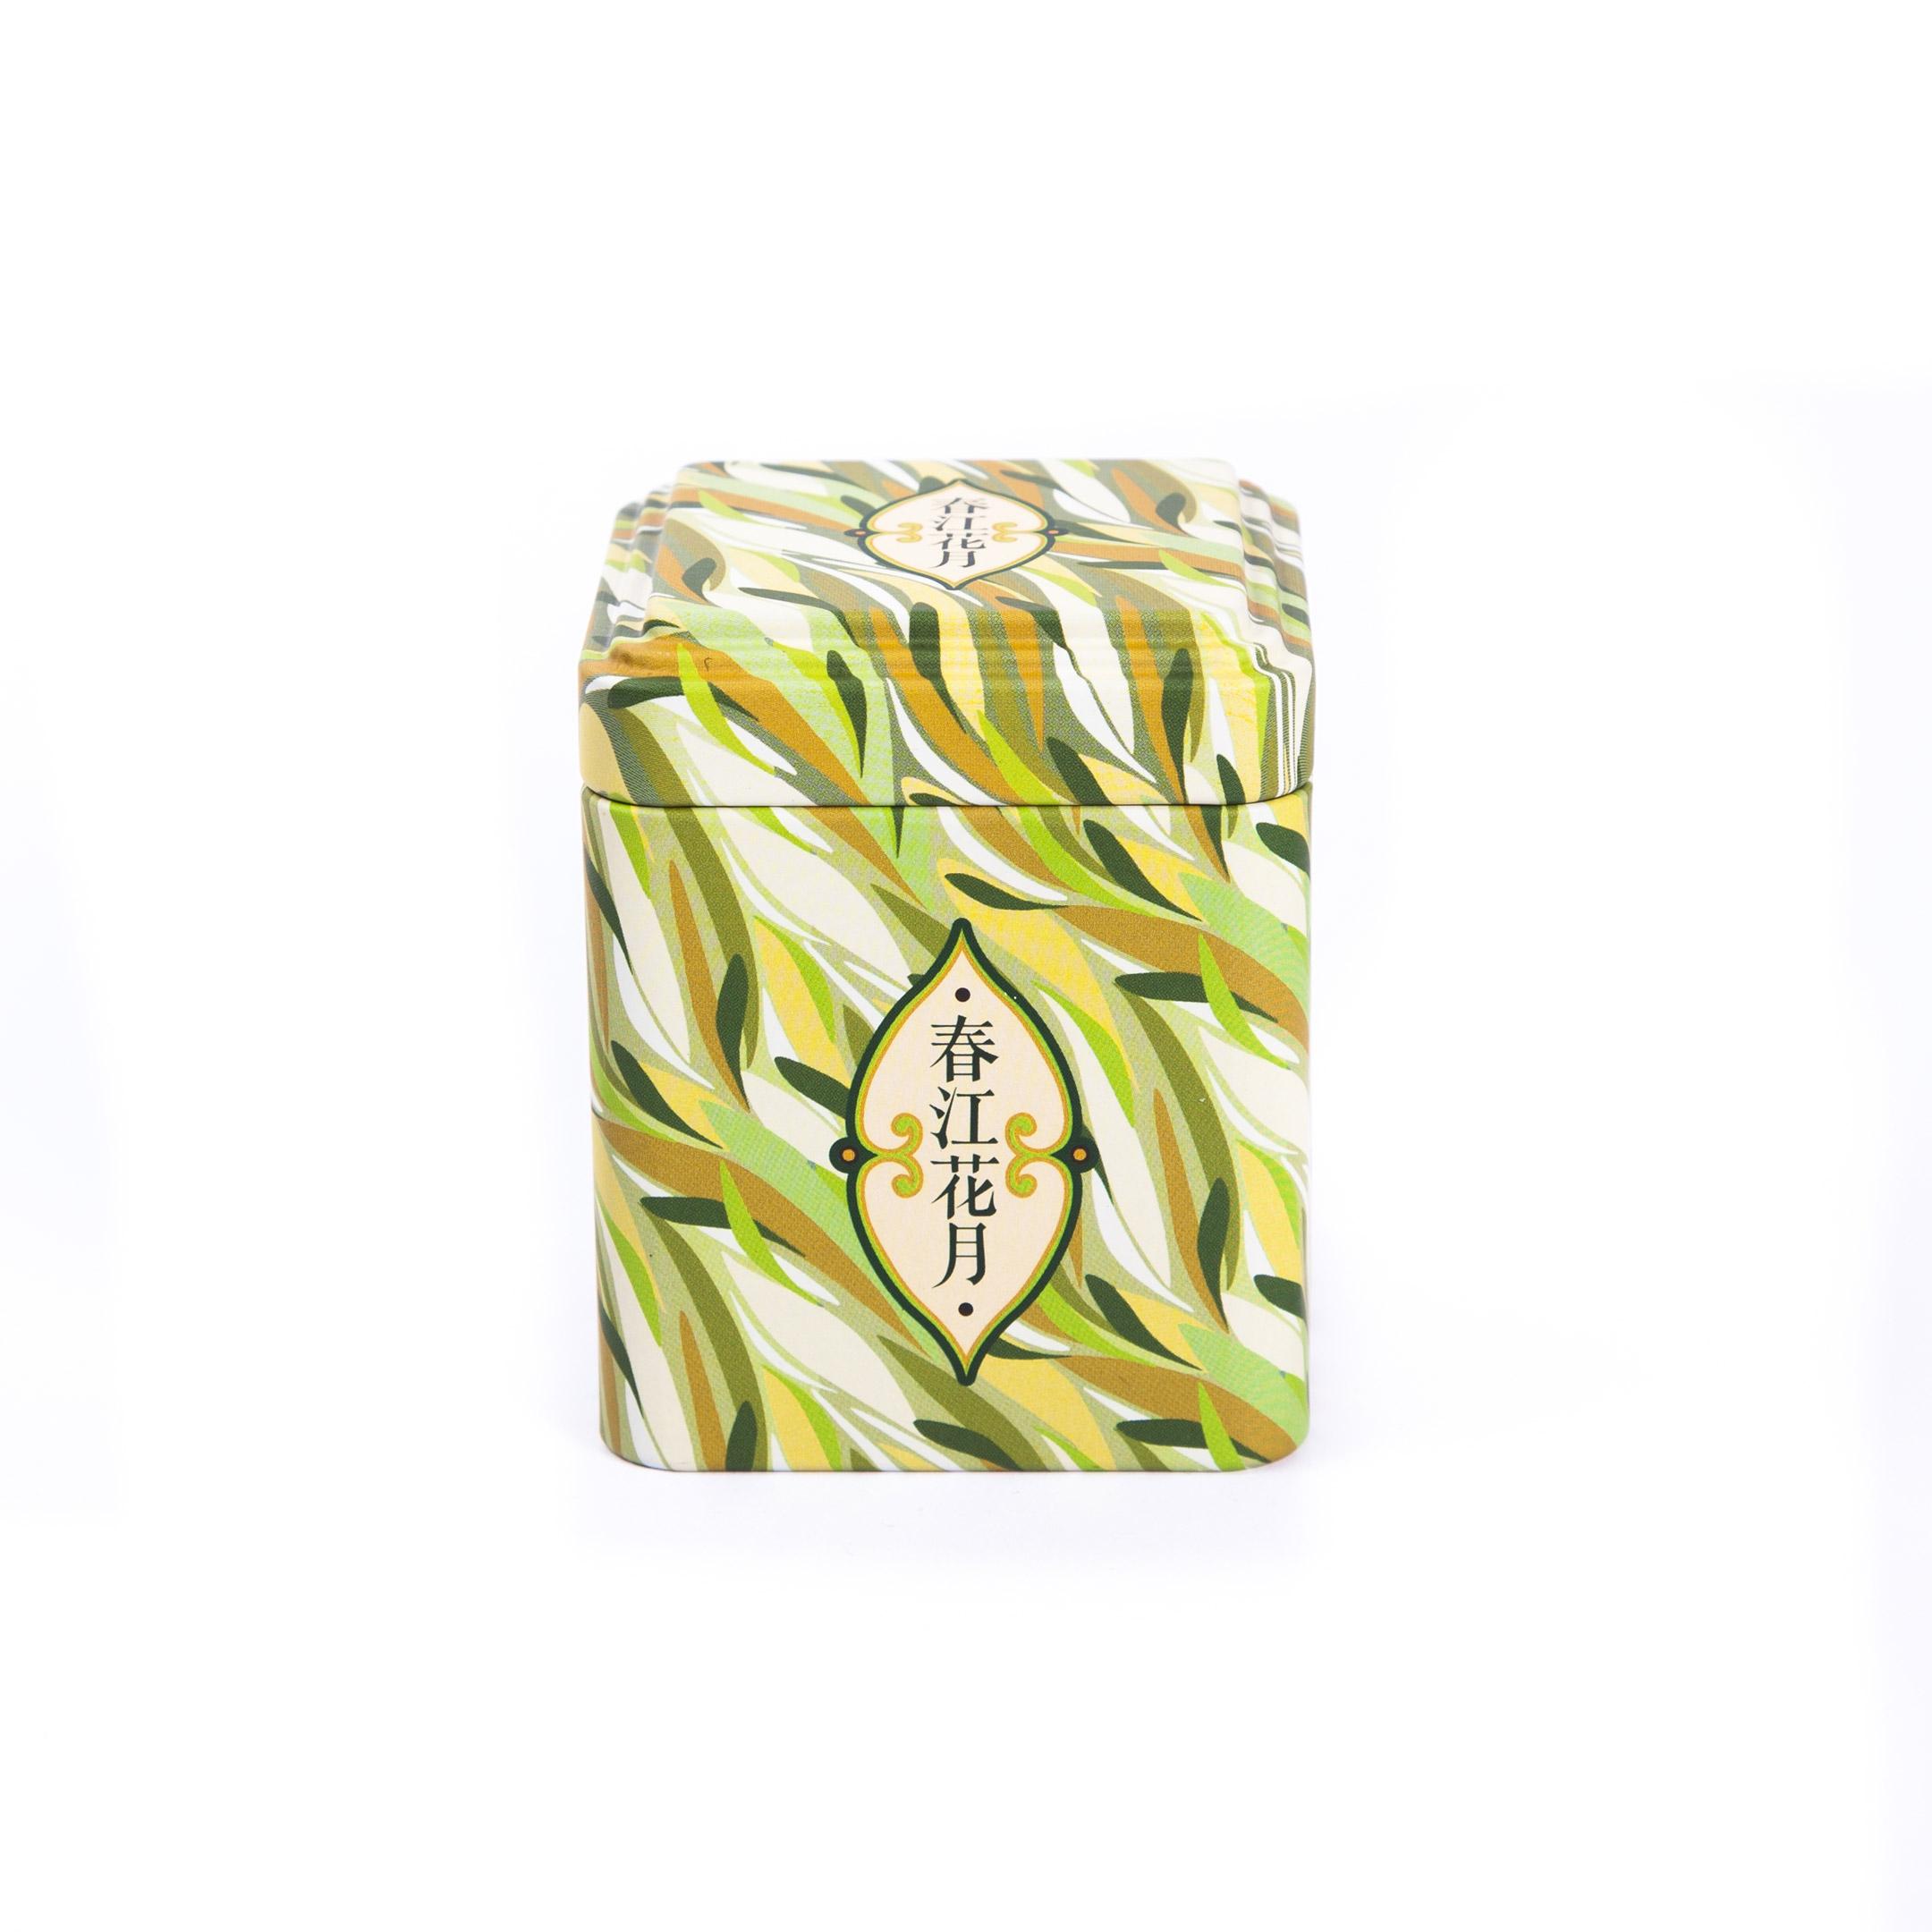 Dóza na čaj hranatá ozdobná - Zelená